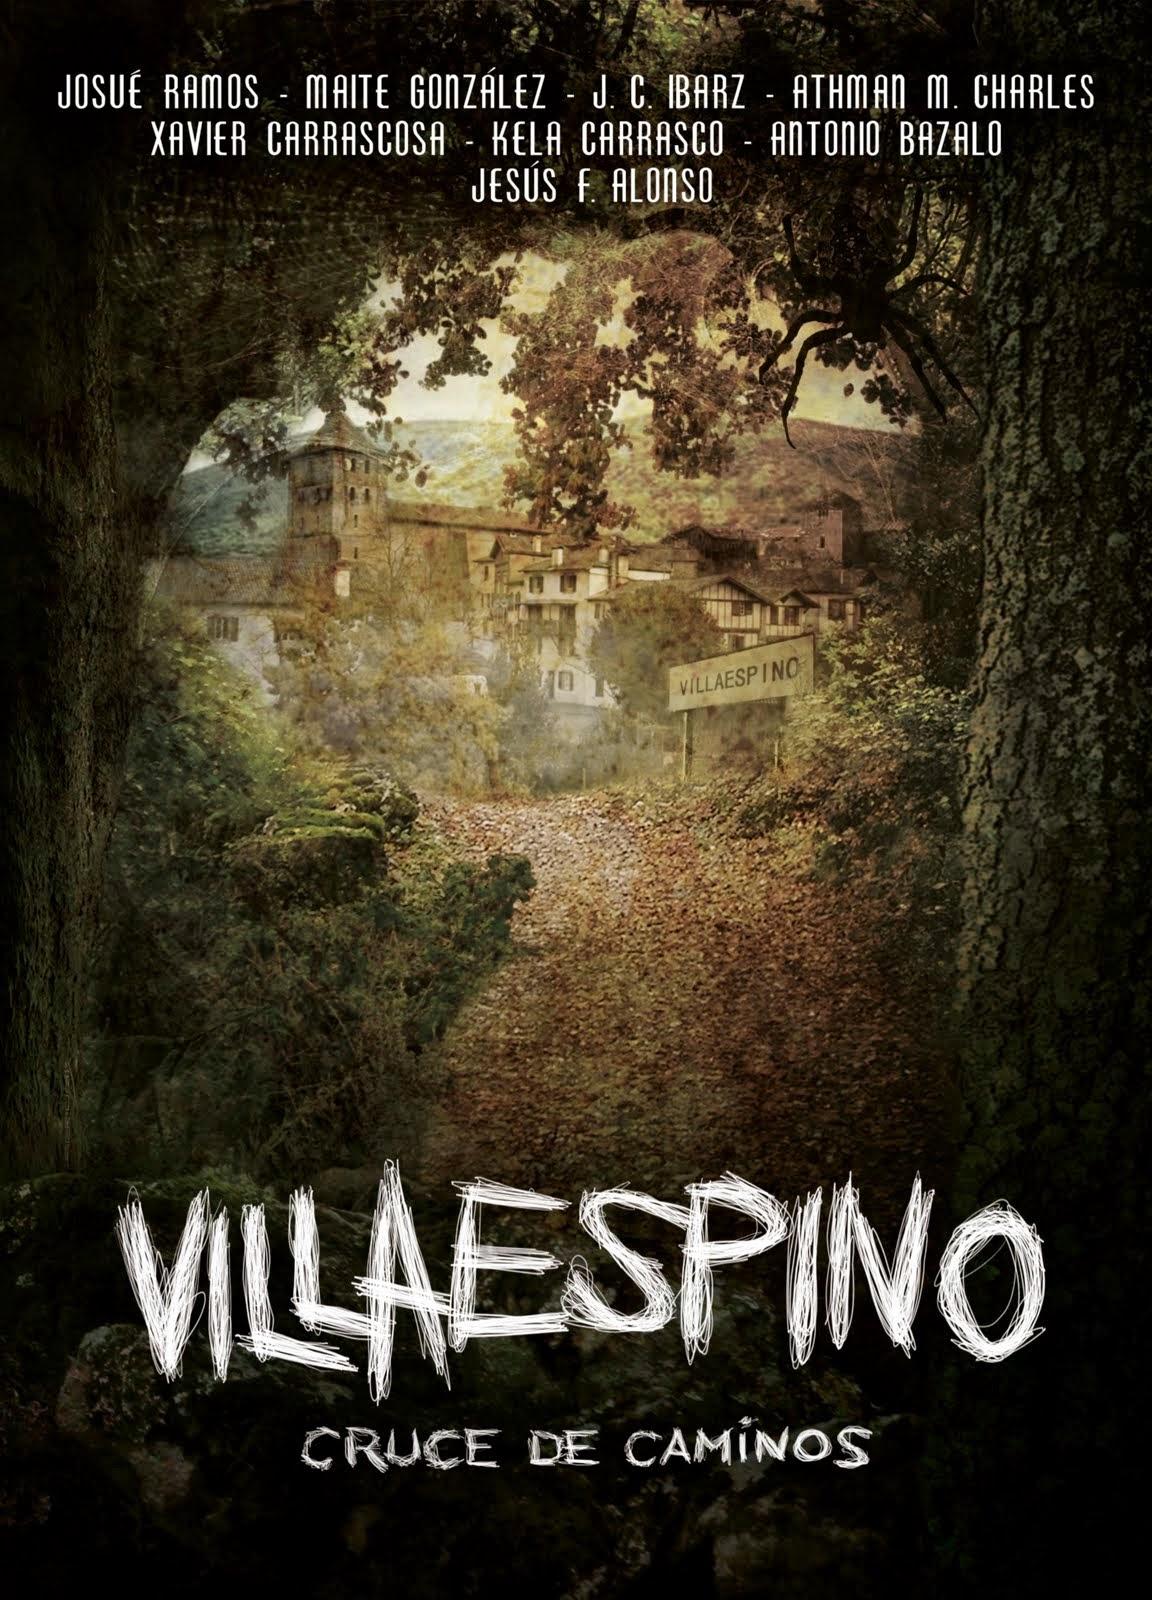 Villaespino:Cruce de Caminos, novela de terror con fines benéficos escrita entre varios autores